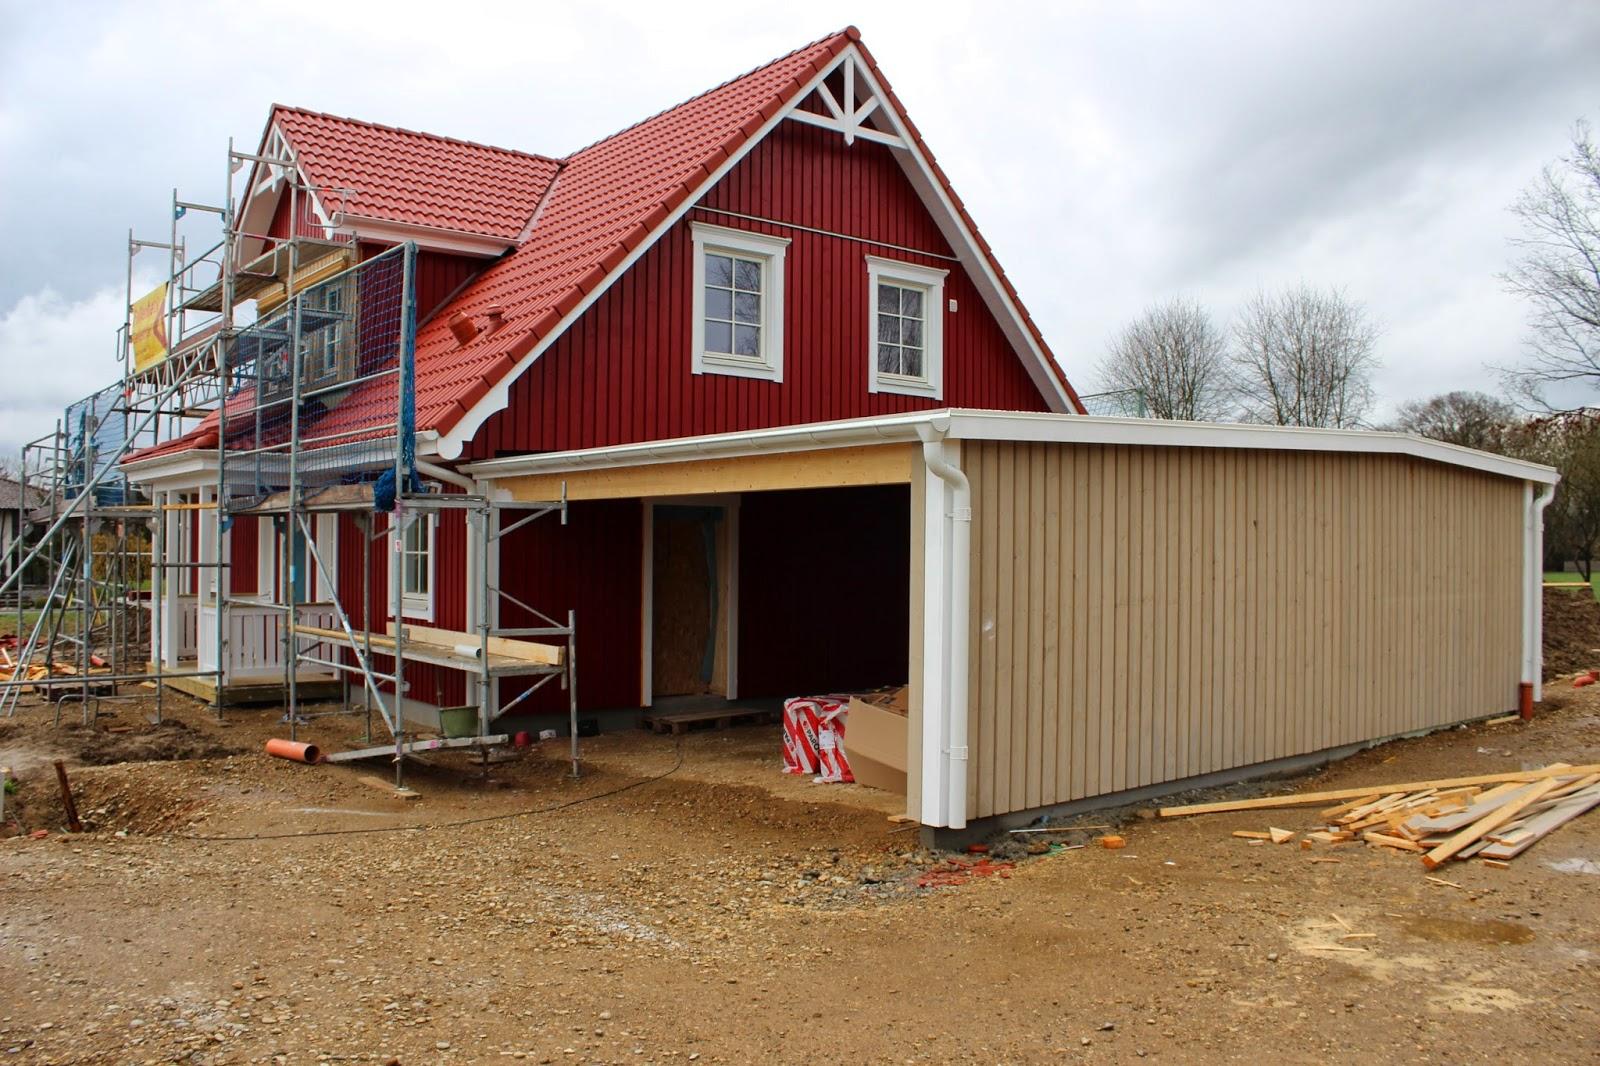 kleine lotta unser schwedenhaus es ist viel passiert. Black Bedroom Furniture Sets. Home Design Ideas